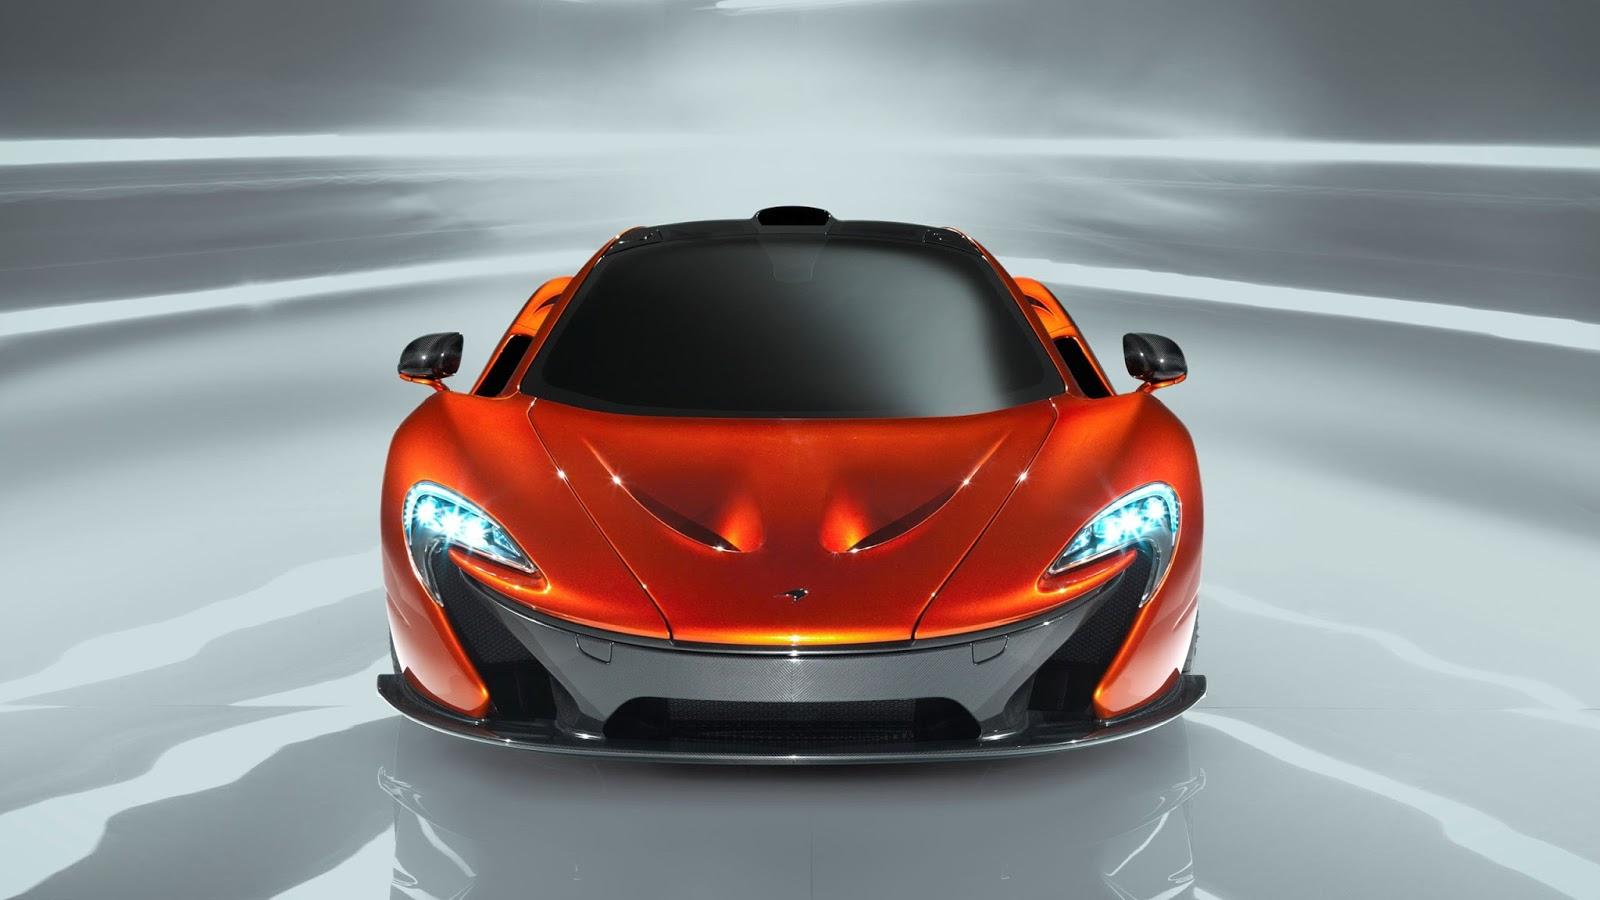 2014 McLaren P1 Pictures